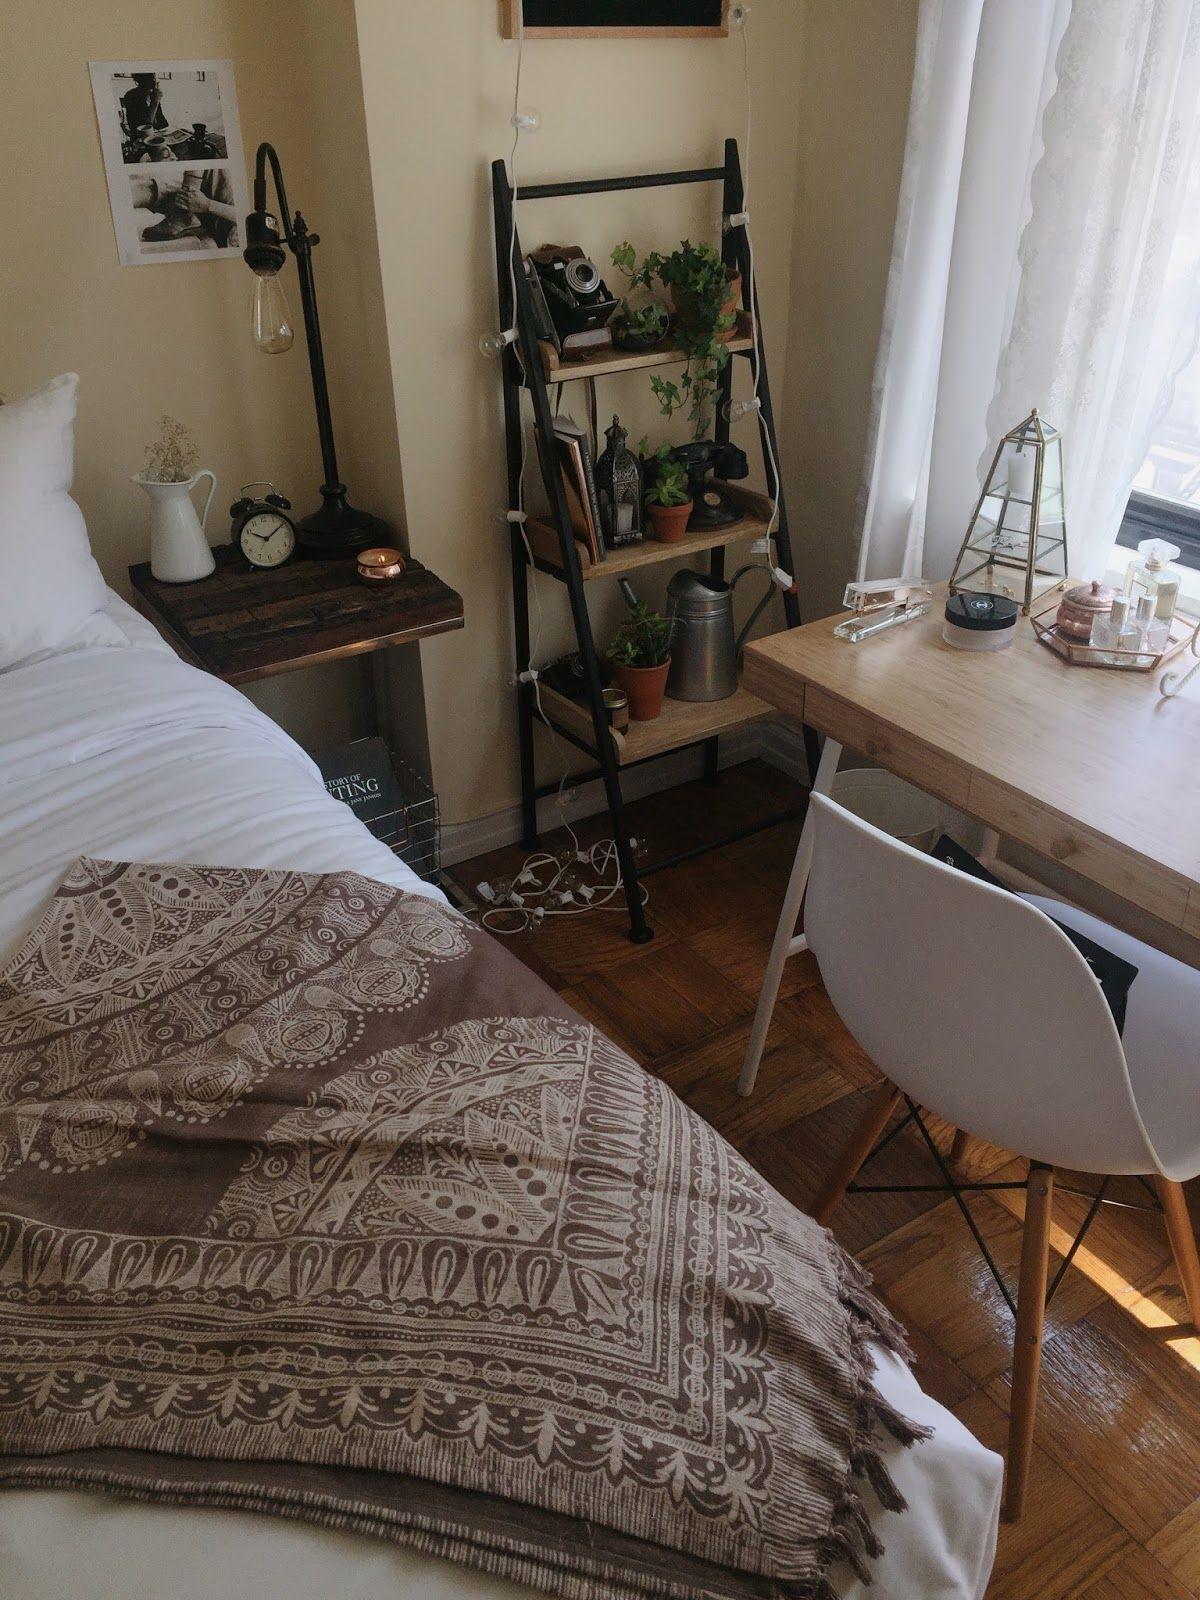 Dorm Room Inspiration Boho